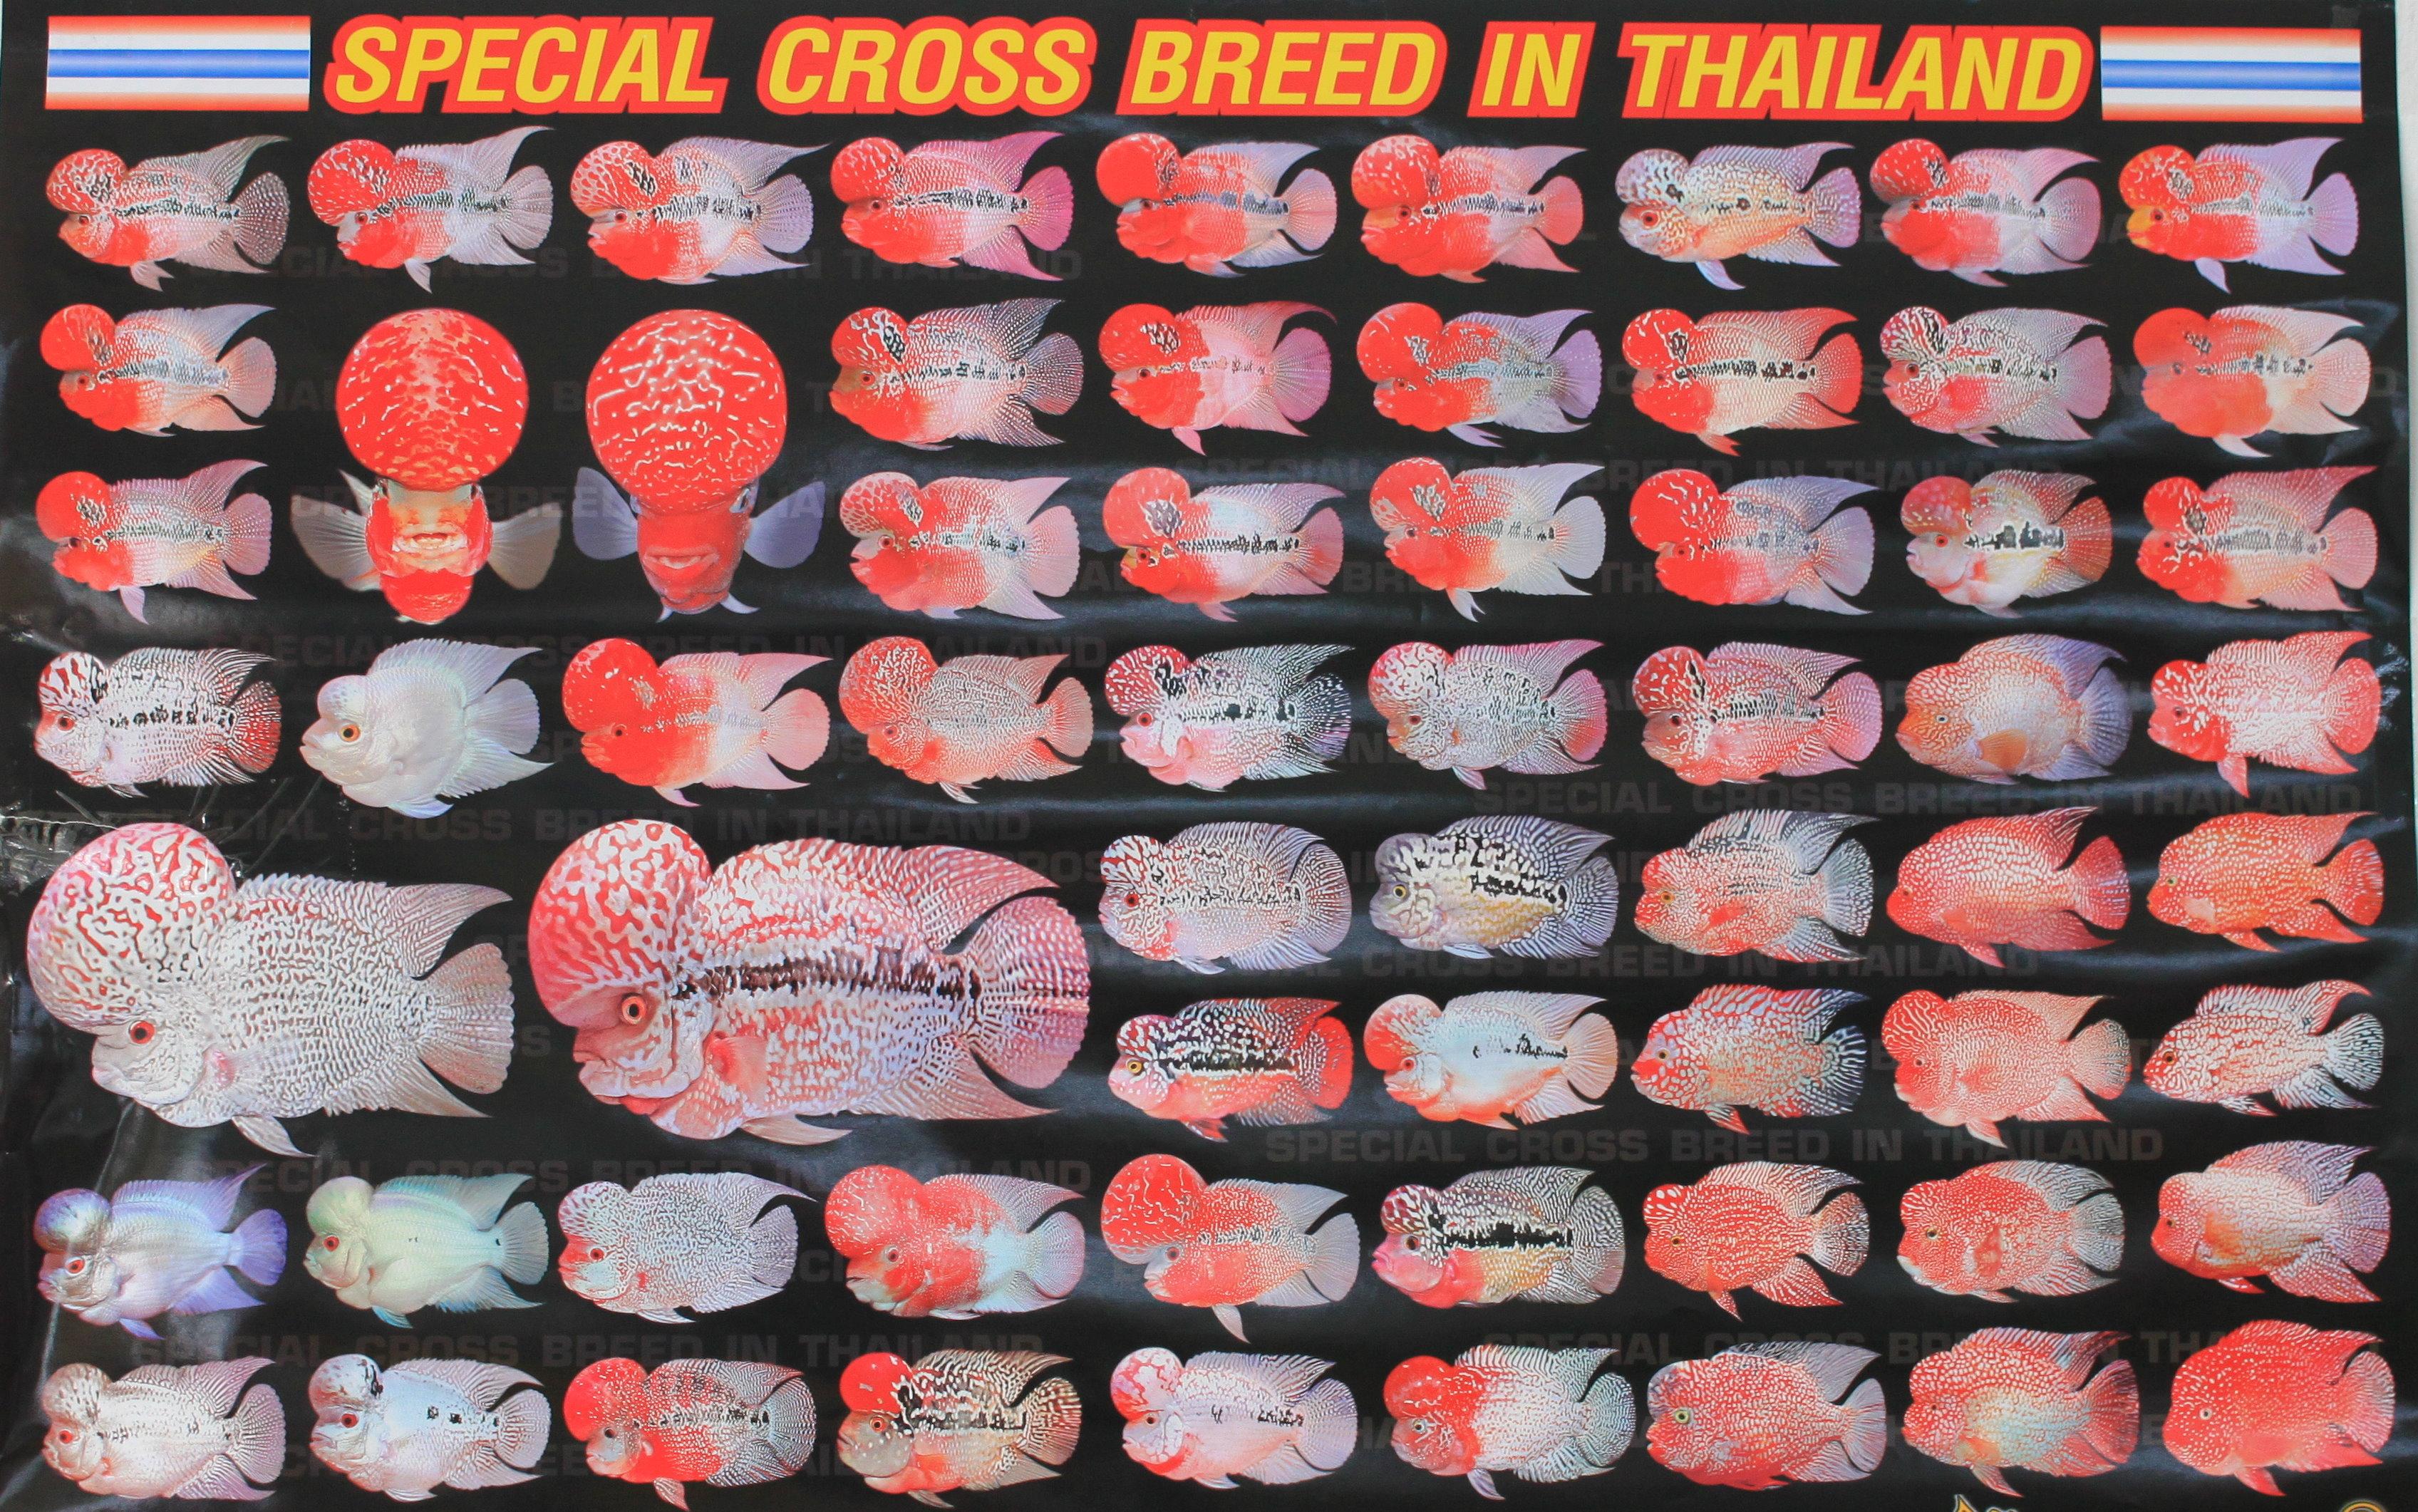 Flowerhorn-Zucht-Cross-Breed